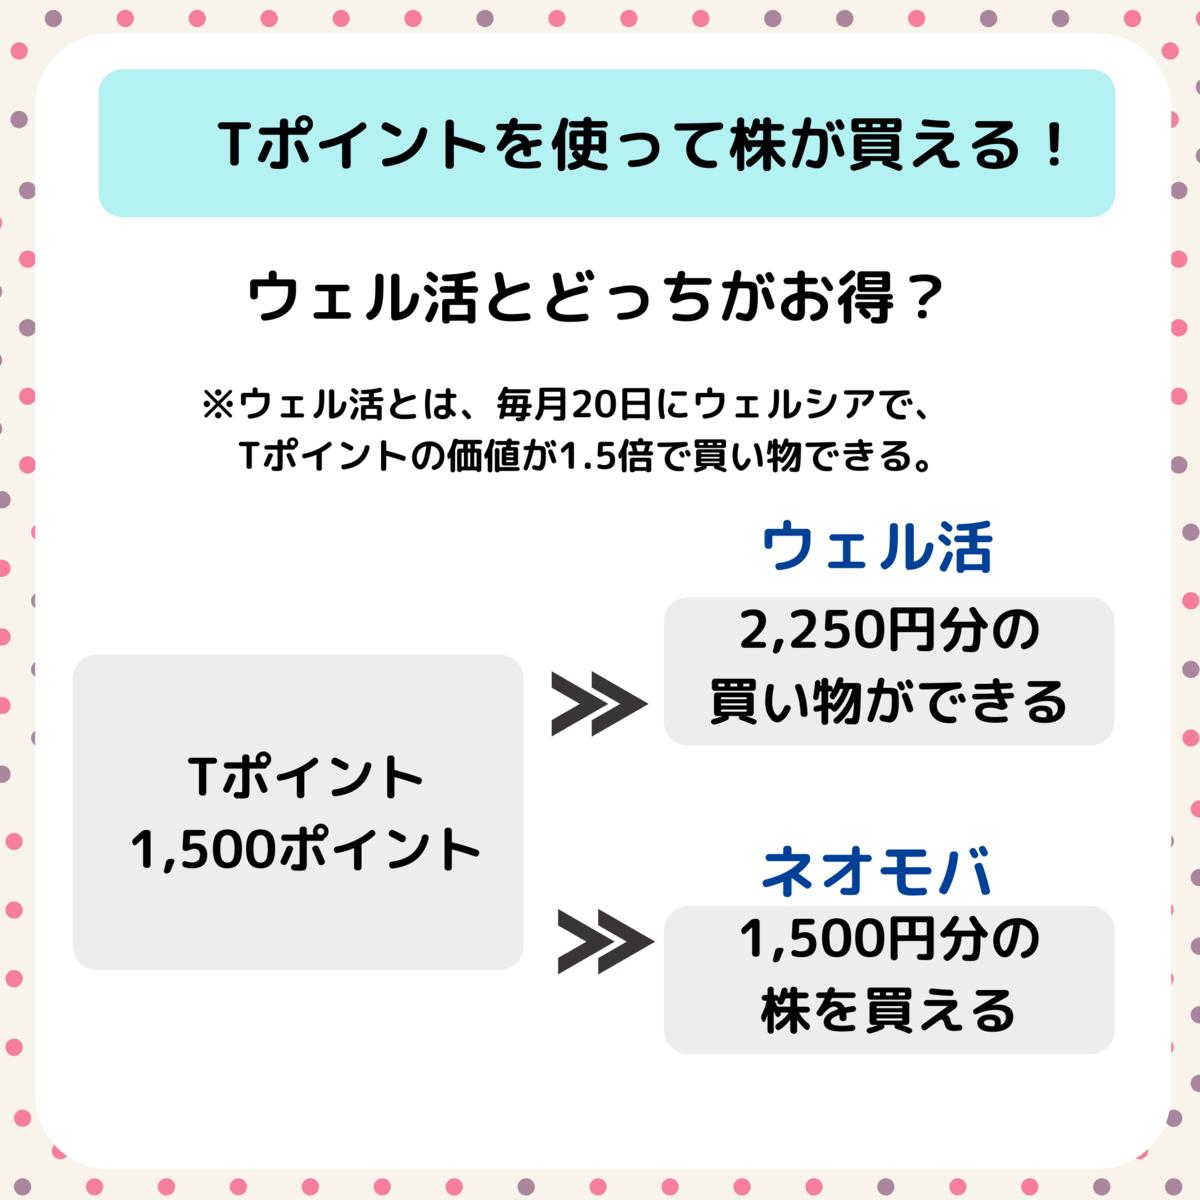 f:id:mykotoba:20201126162801p:plain